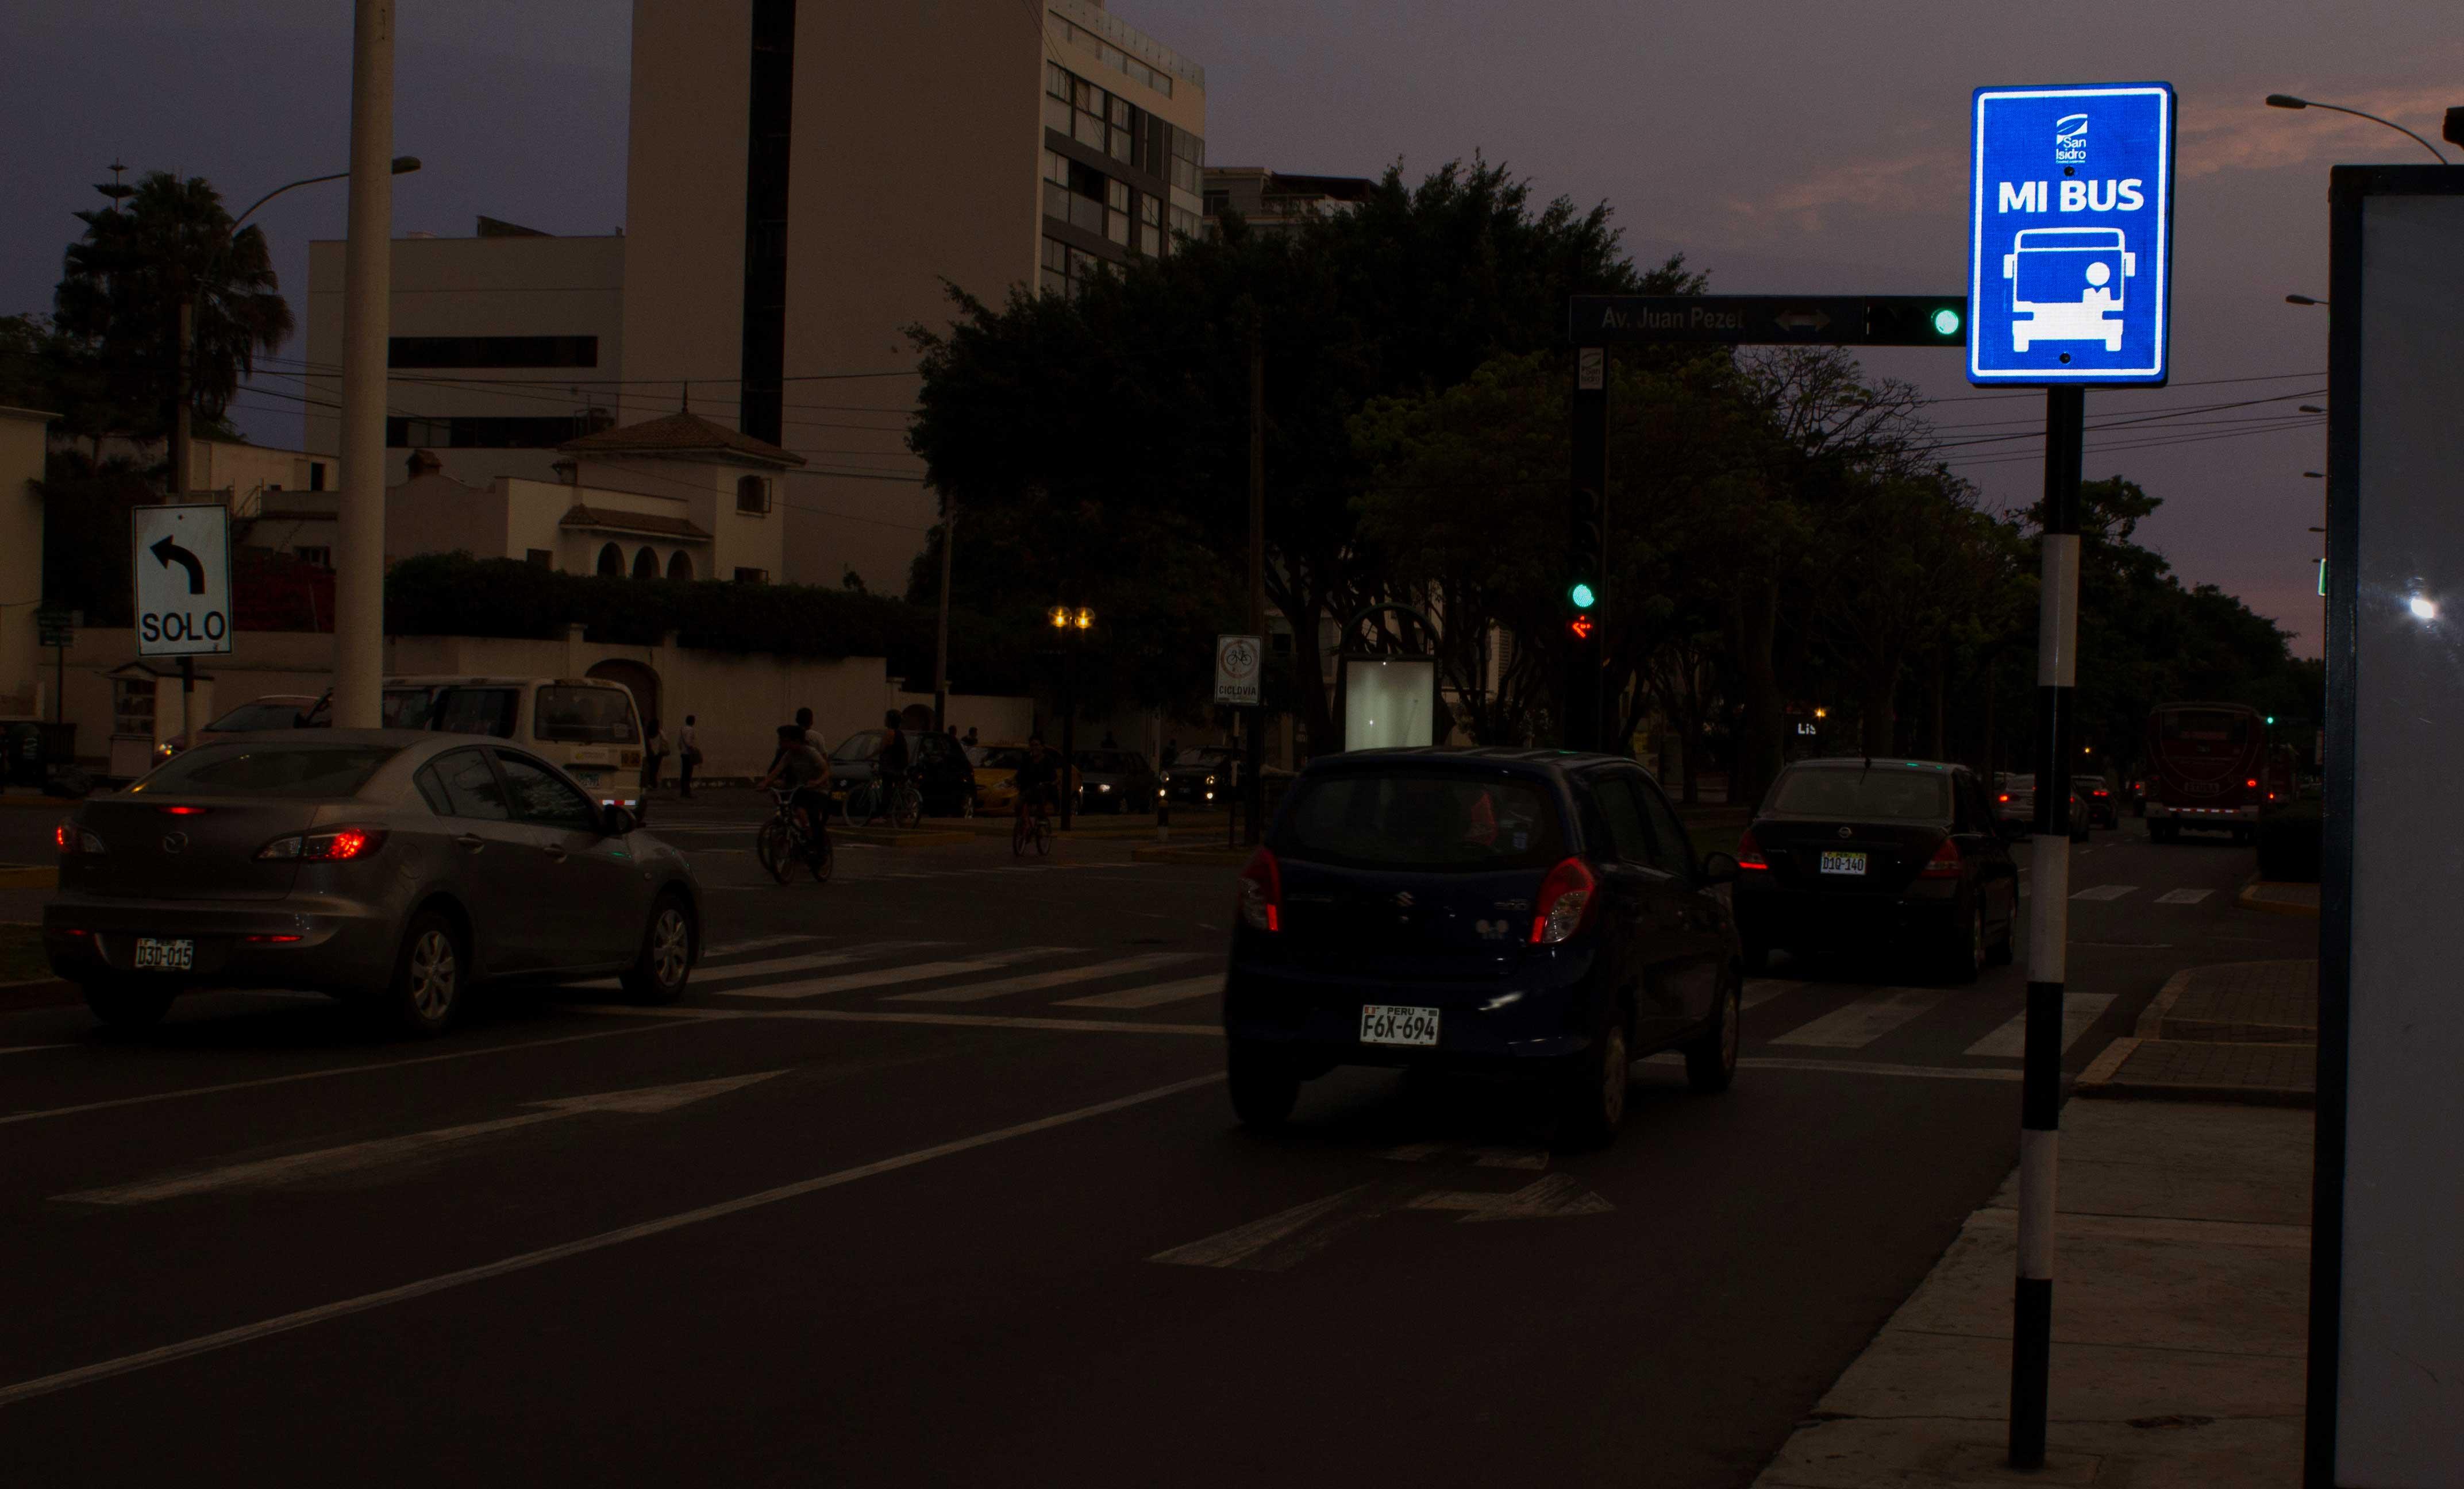 laminas-reflectivas-señalizacion-vial-5a